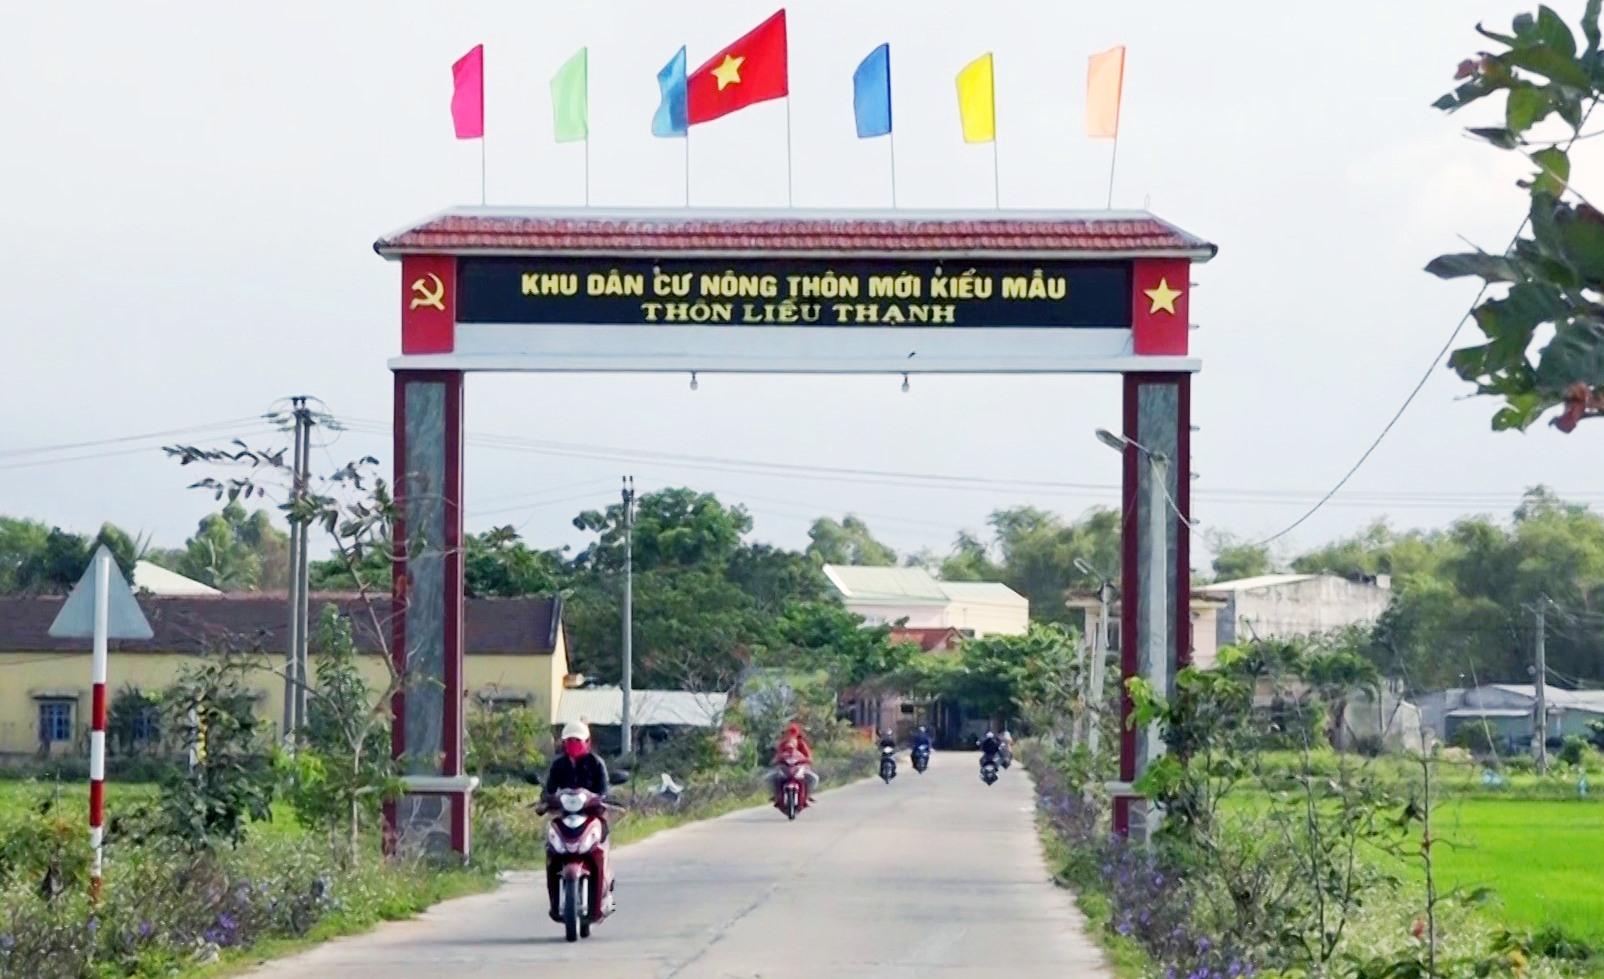 hăng Bình quan tâm đầu tư các tuyến đường ĐH đạt chuẩn, tạo thuận lợi cho việc đi lại, vận chuyển nông sản của người dân. Ảnh M.T